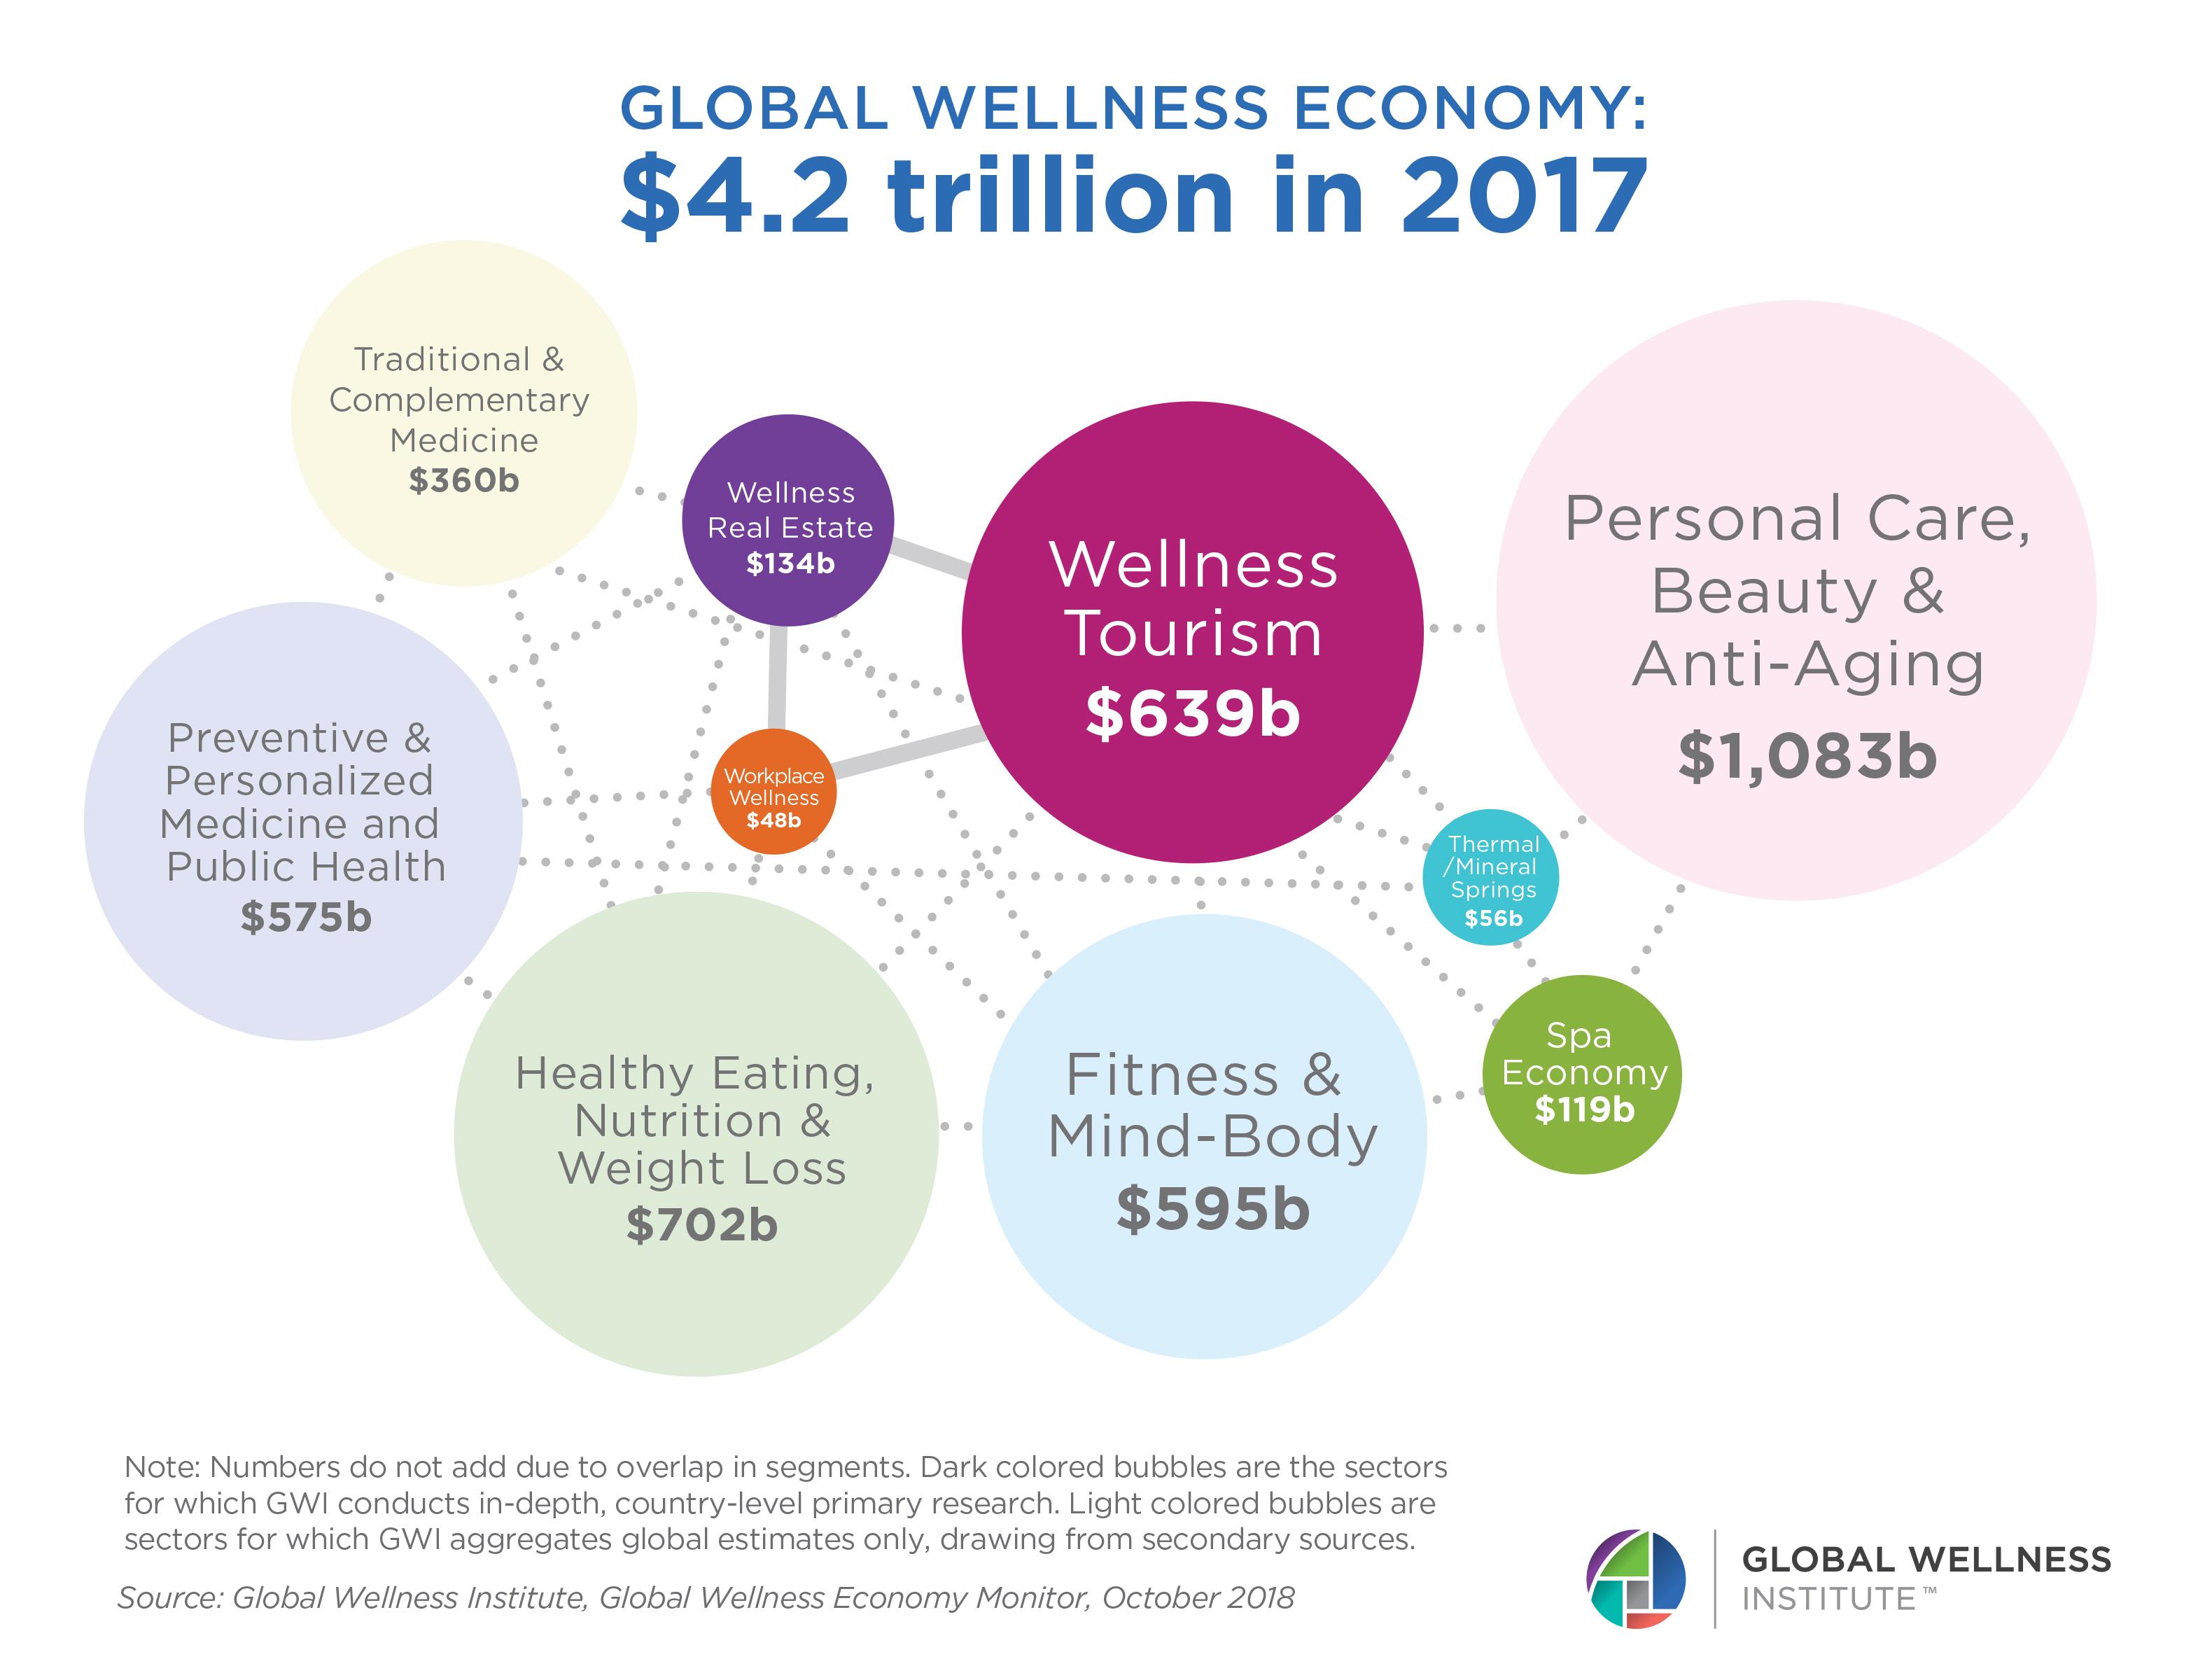 نگاهی به صنعت تندرستی (wellness)